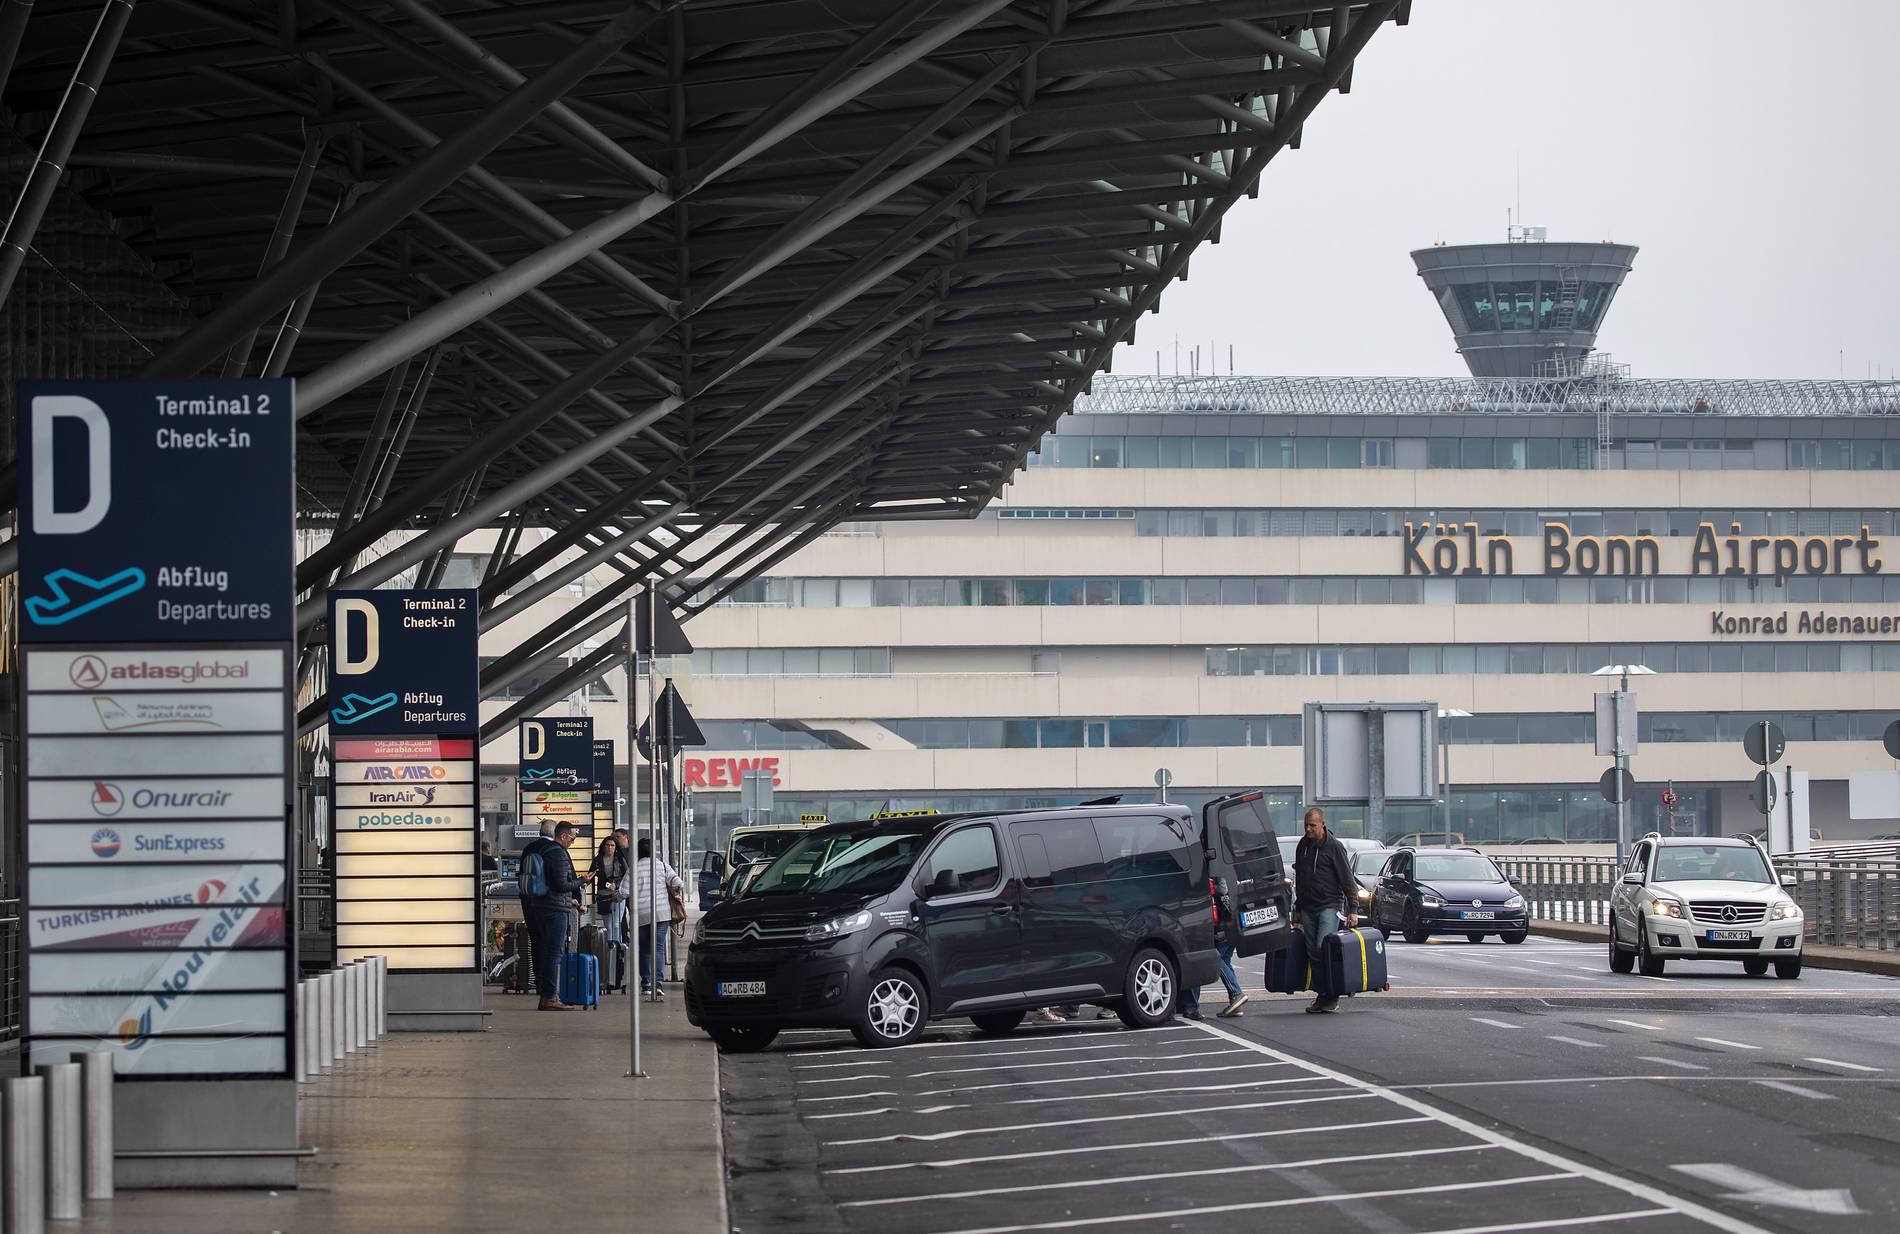 Parkgebühr Flughafen Köln Bonn